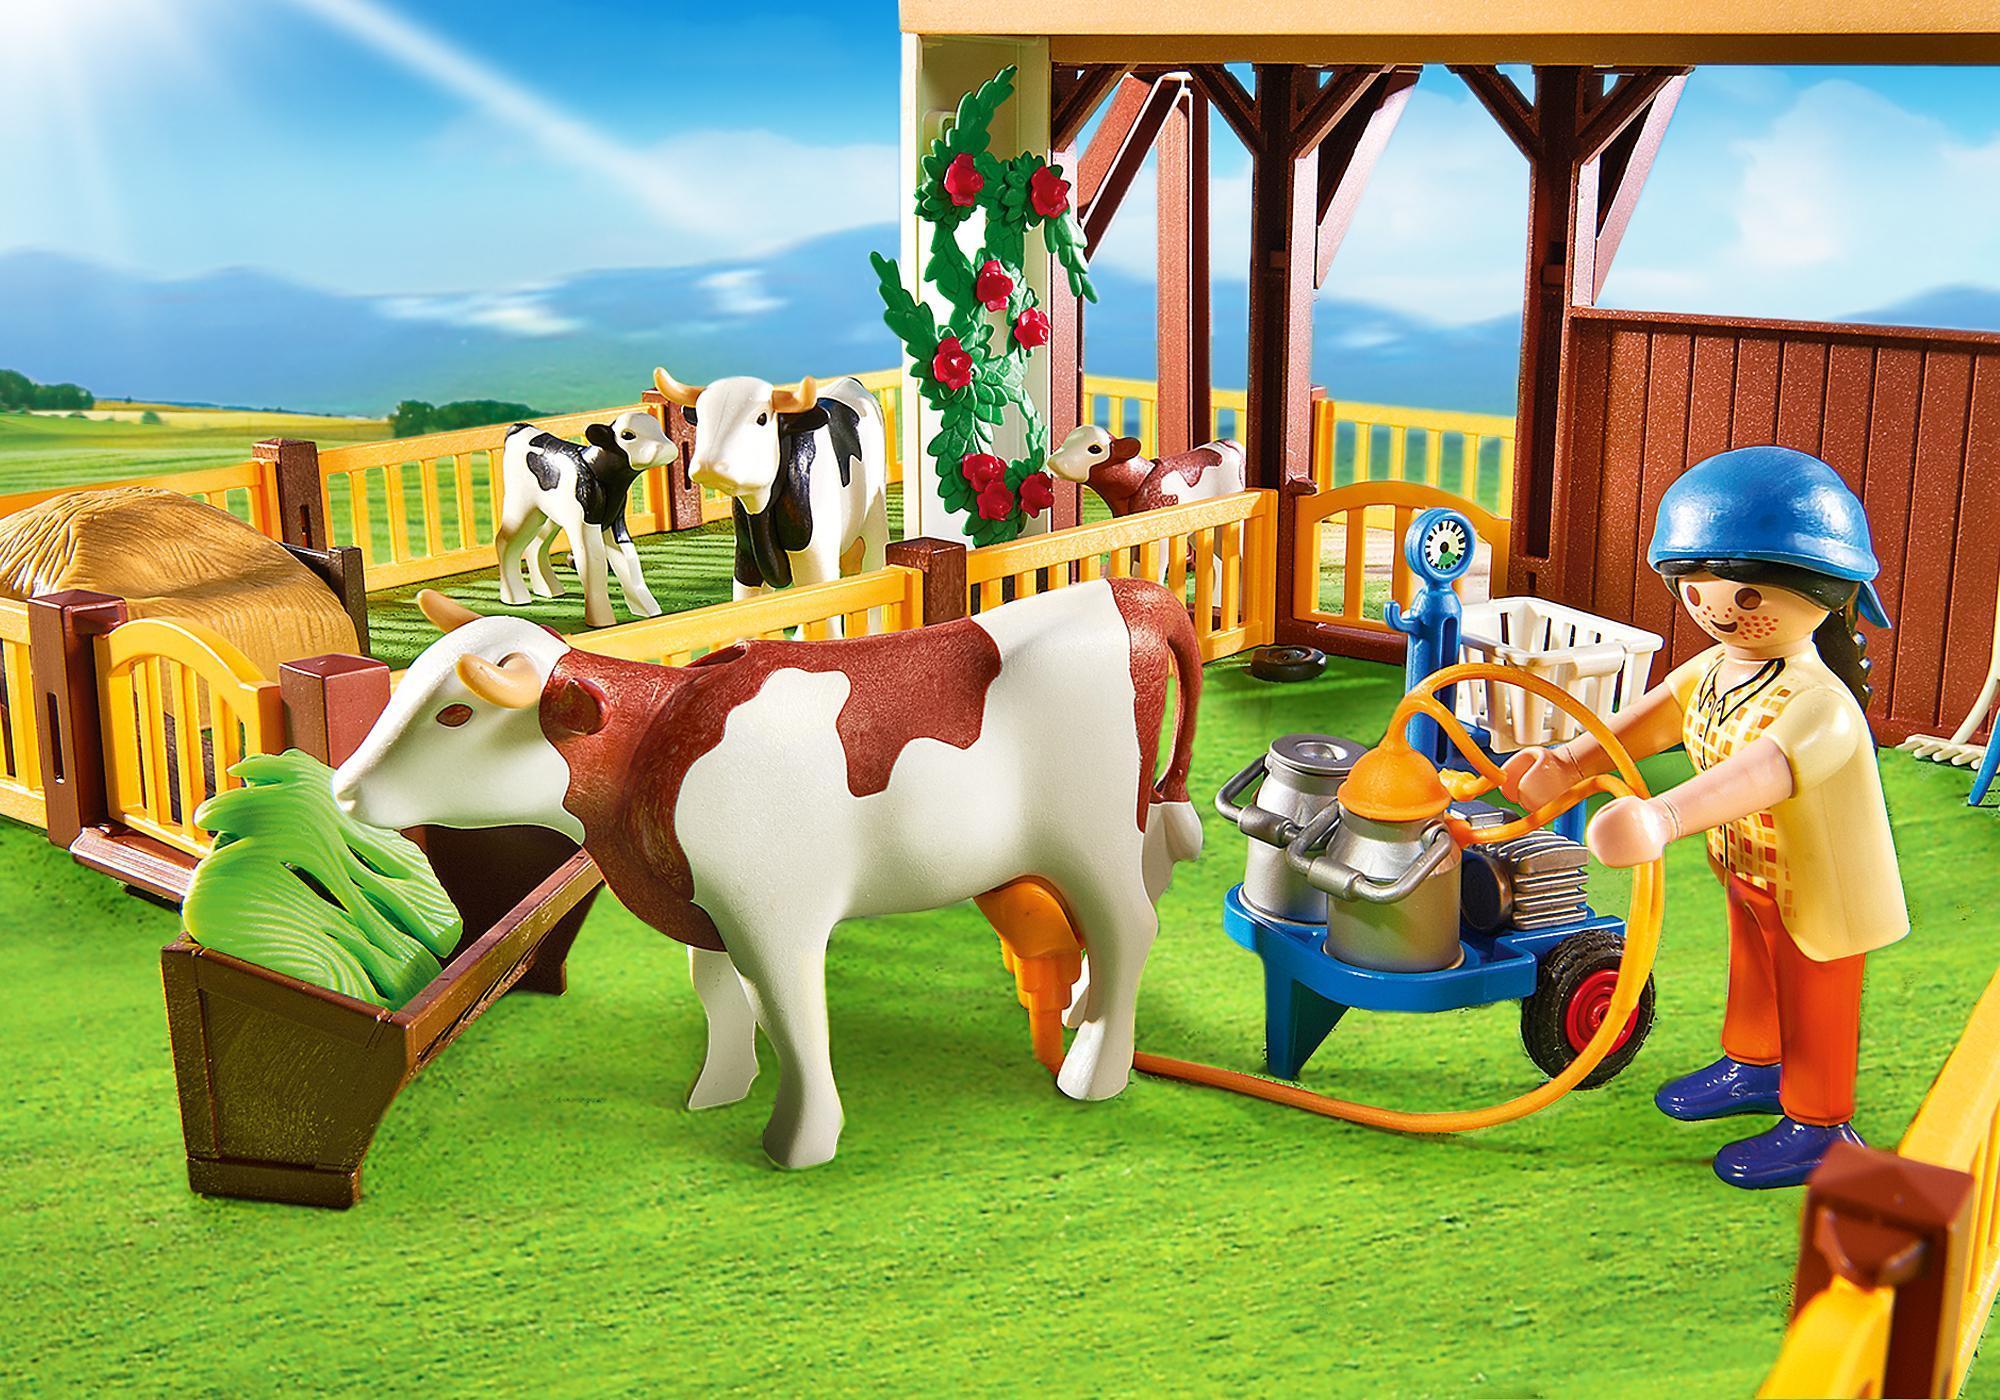 http://media.playmobil.com/i/playmobil/6120_product_extra1/Large Farm